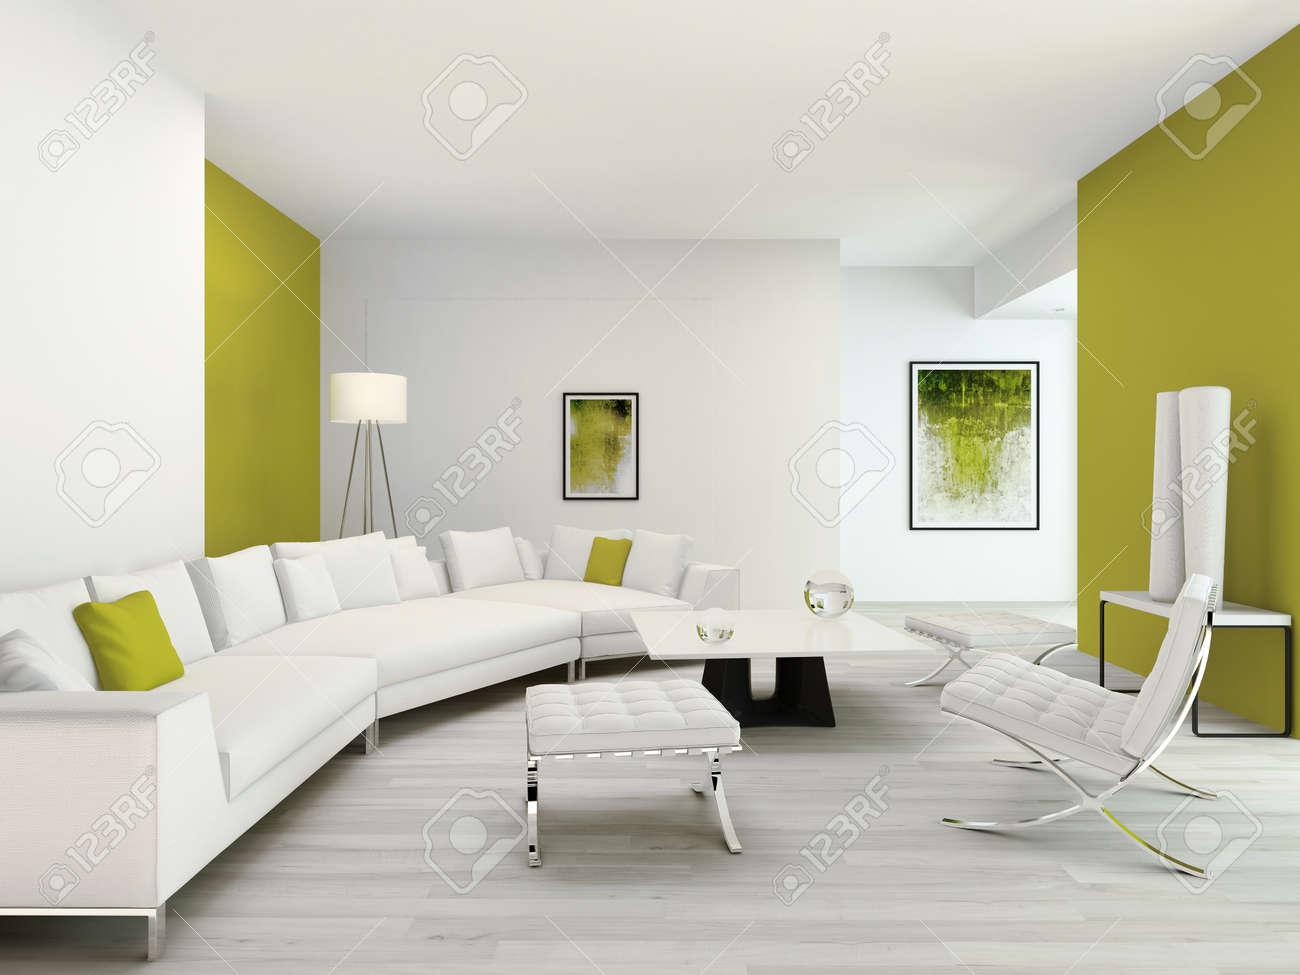 interieur vert et blanc pur salon avec des meubles modernes contemporain